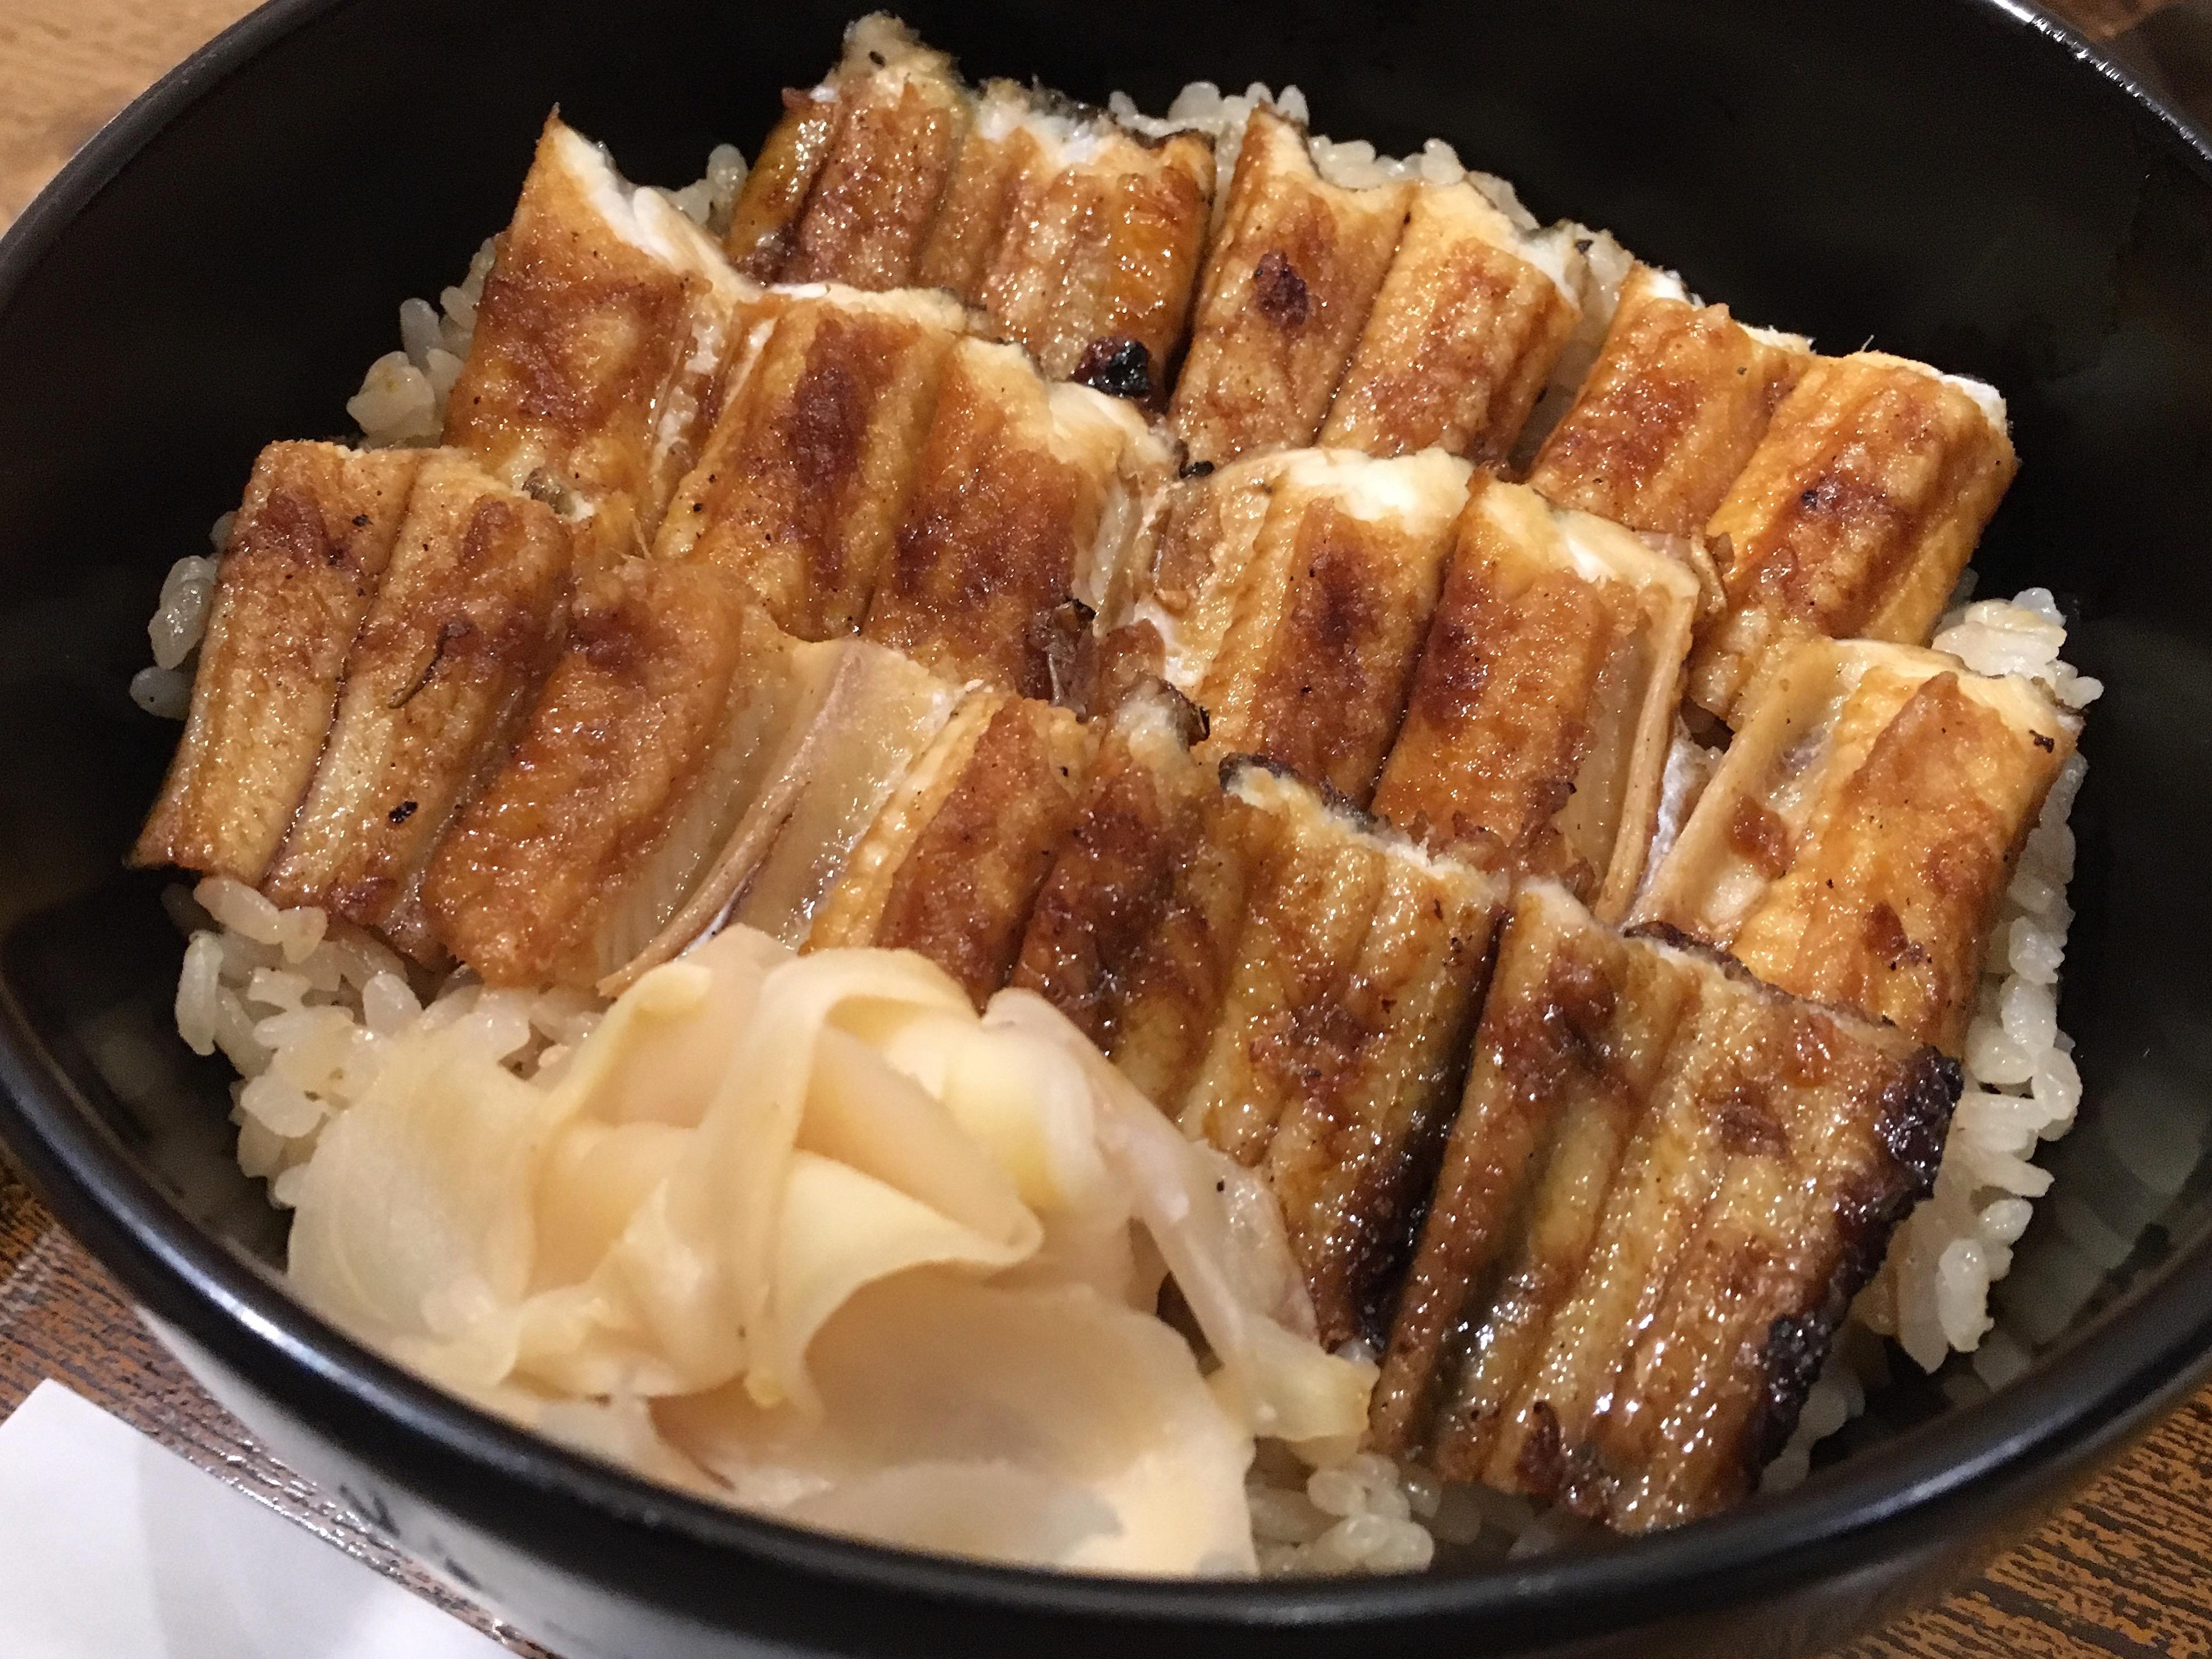 พาชิม 2 ร้านมิชลินของอร่อยแห่งเกาะ Miyajima ที่Hiroshima ร้าน Ueno ได้รับรางวัล Bib Gourmand จากมิชลิน ไกด์บุ๊ค (Michelin Guide)